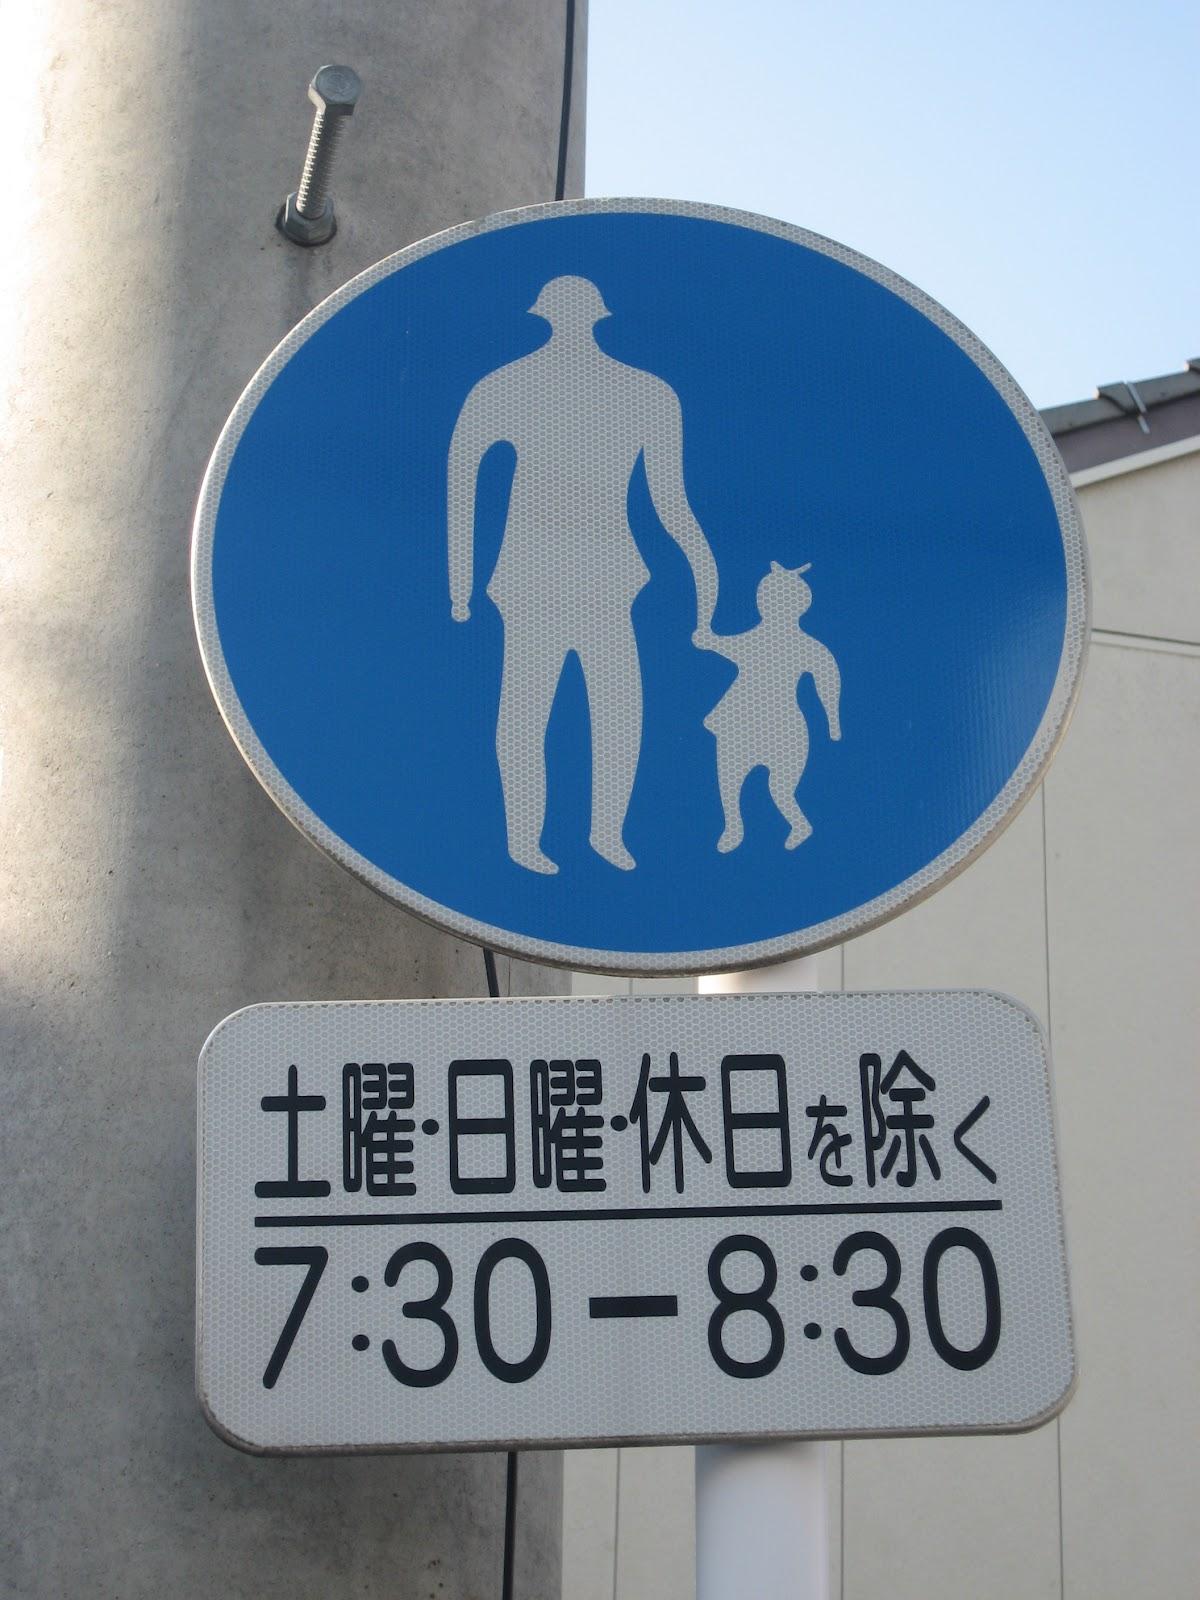 ikatin room..: 歩行者専用道路...